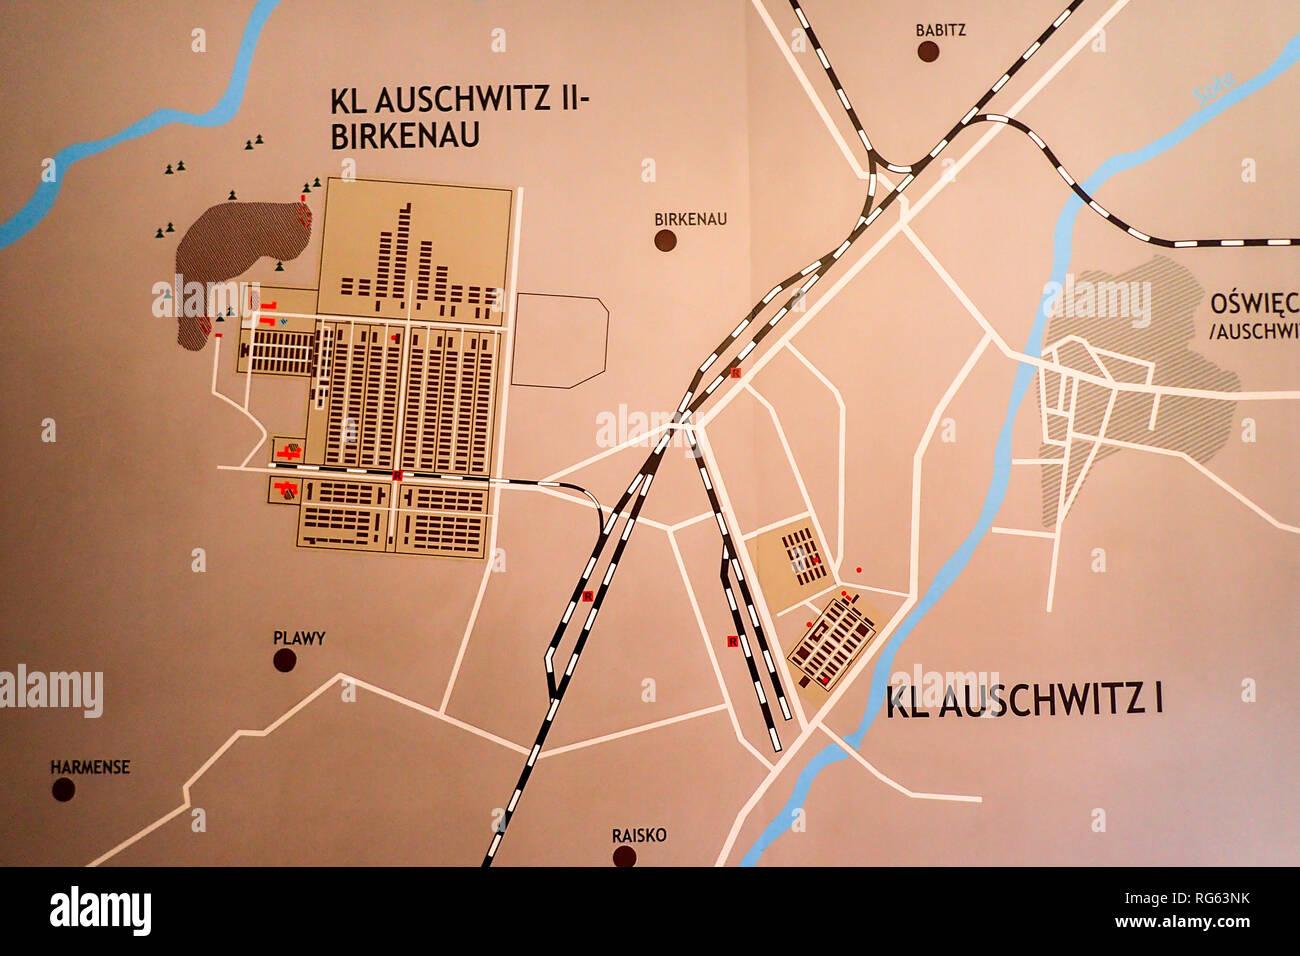 Auschwitz Karte.Auschwitz Birkenau Plan Stockfotos Auschwitz Birkenau Plan Bilder